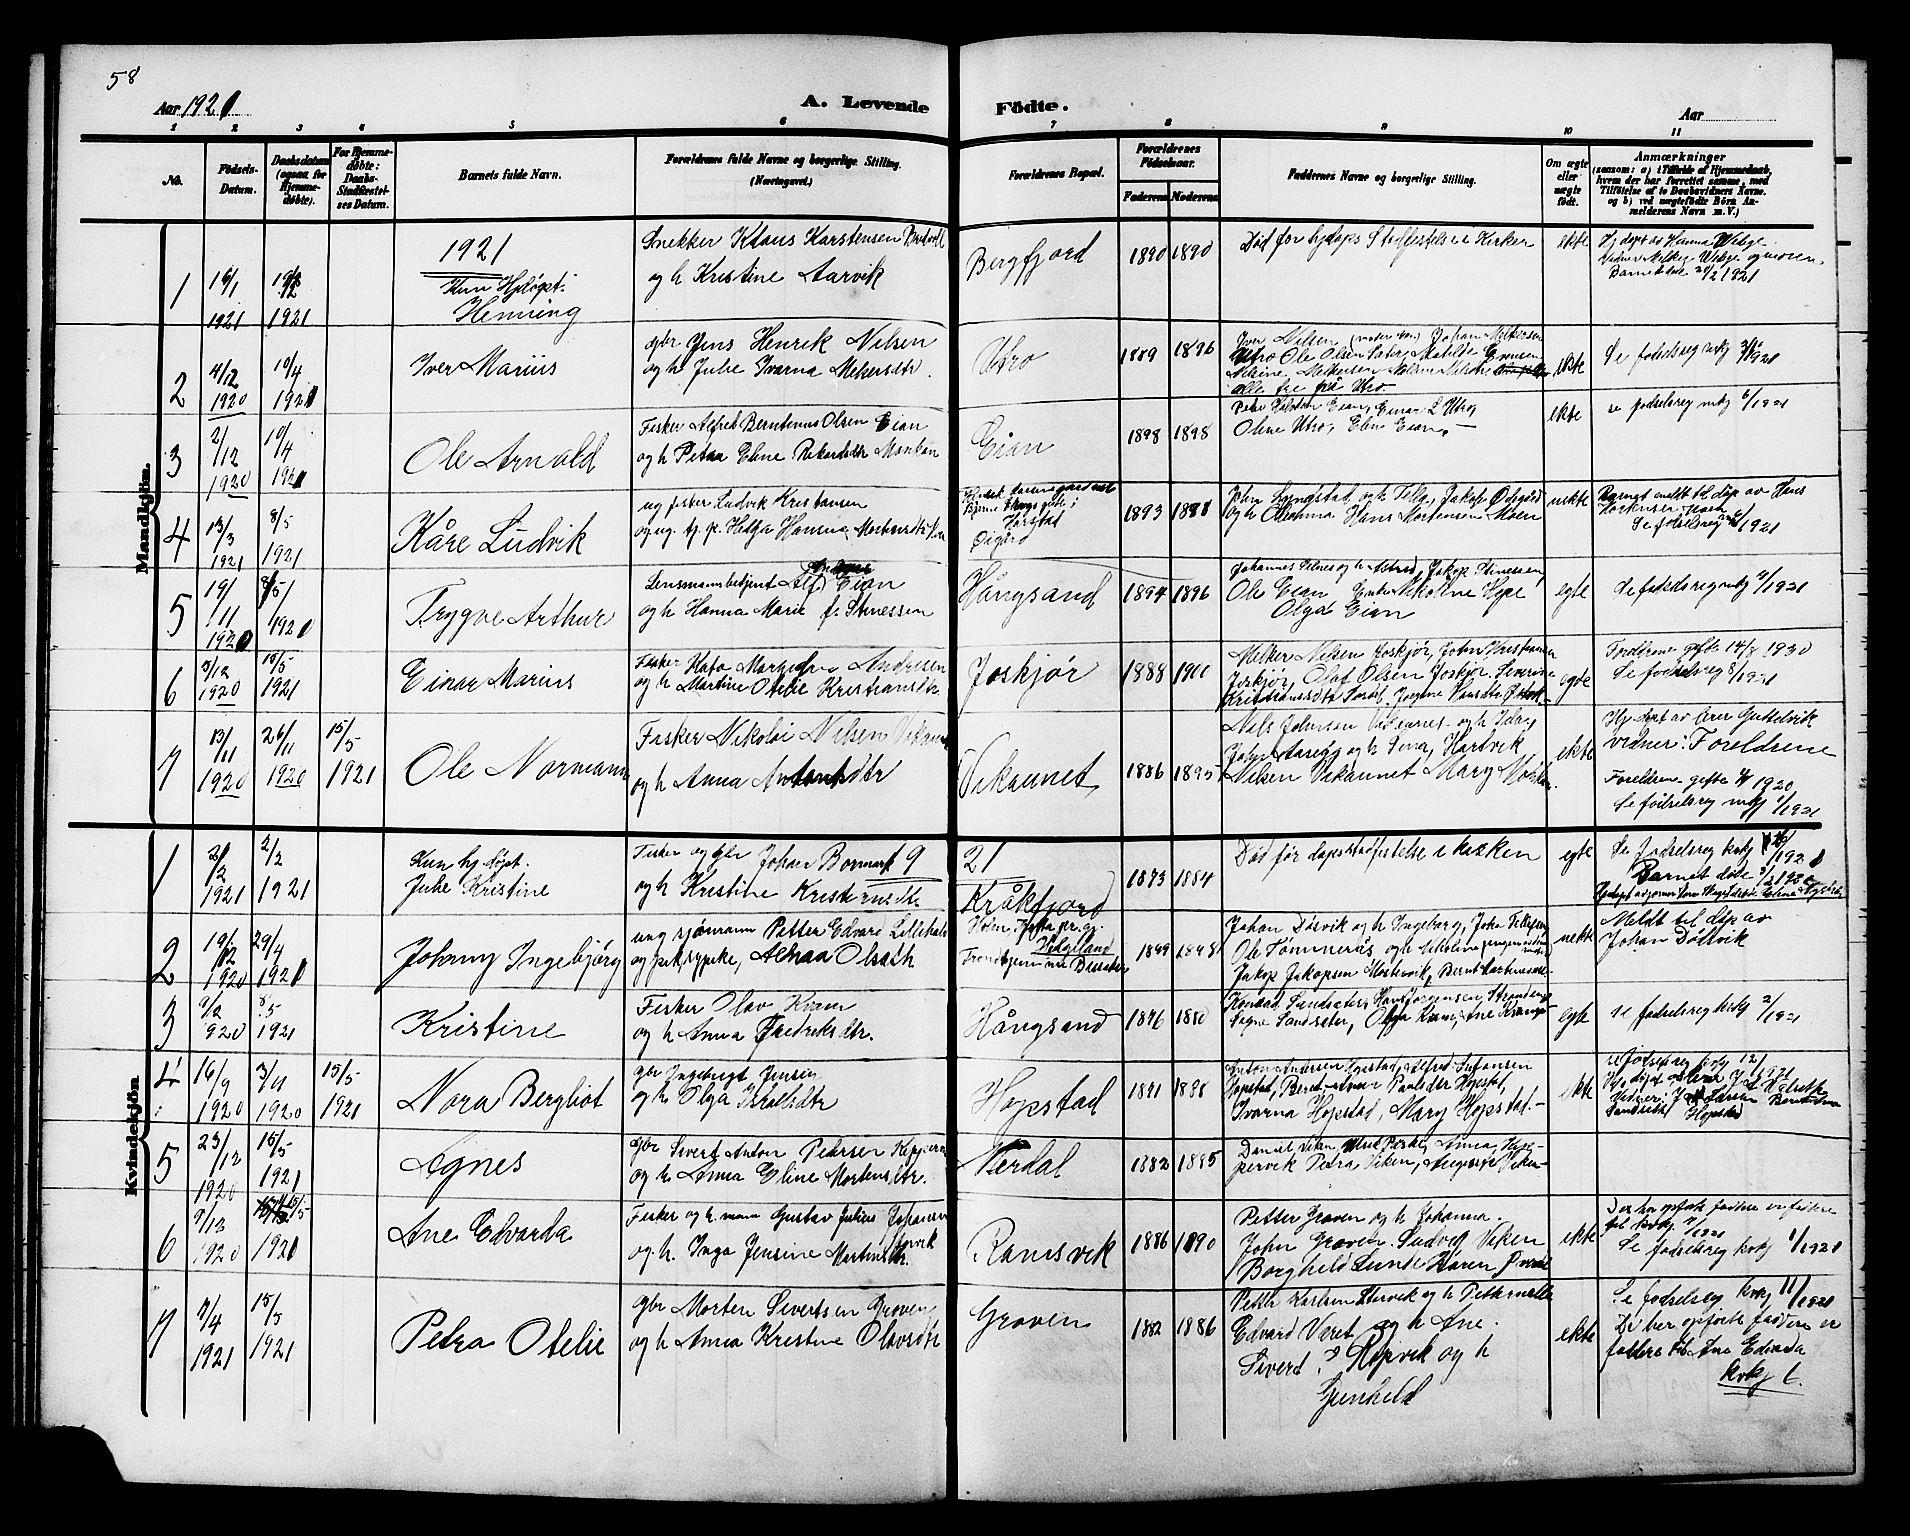 SAT, Ministerialprotokoller, klokkerbøker og fødselsregistre - Sør-Trøndelag, 657/L0717: Klokkerbok nr. 657C04, 1904-1923, s. 58